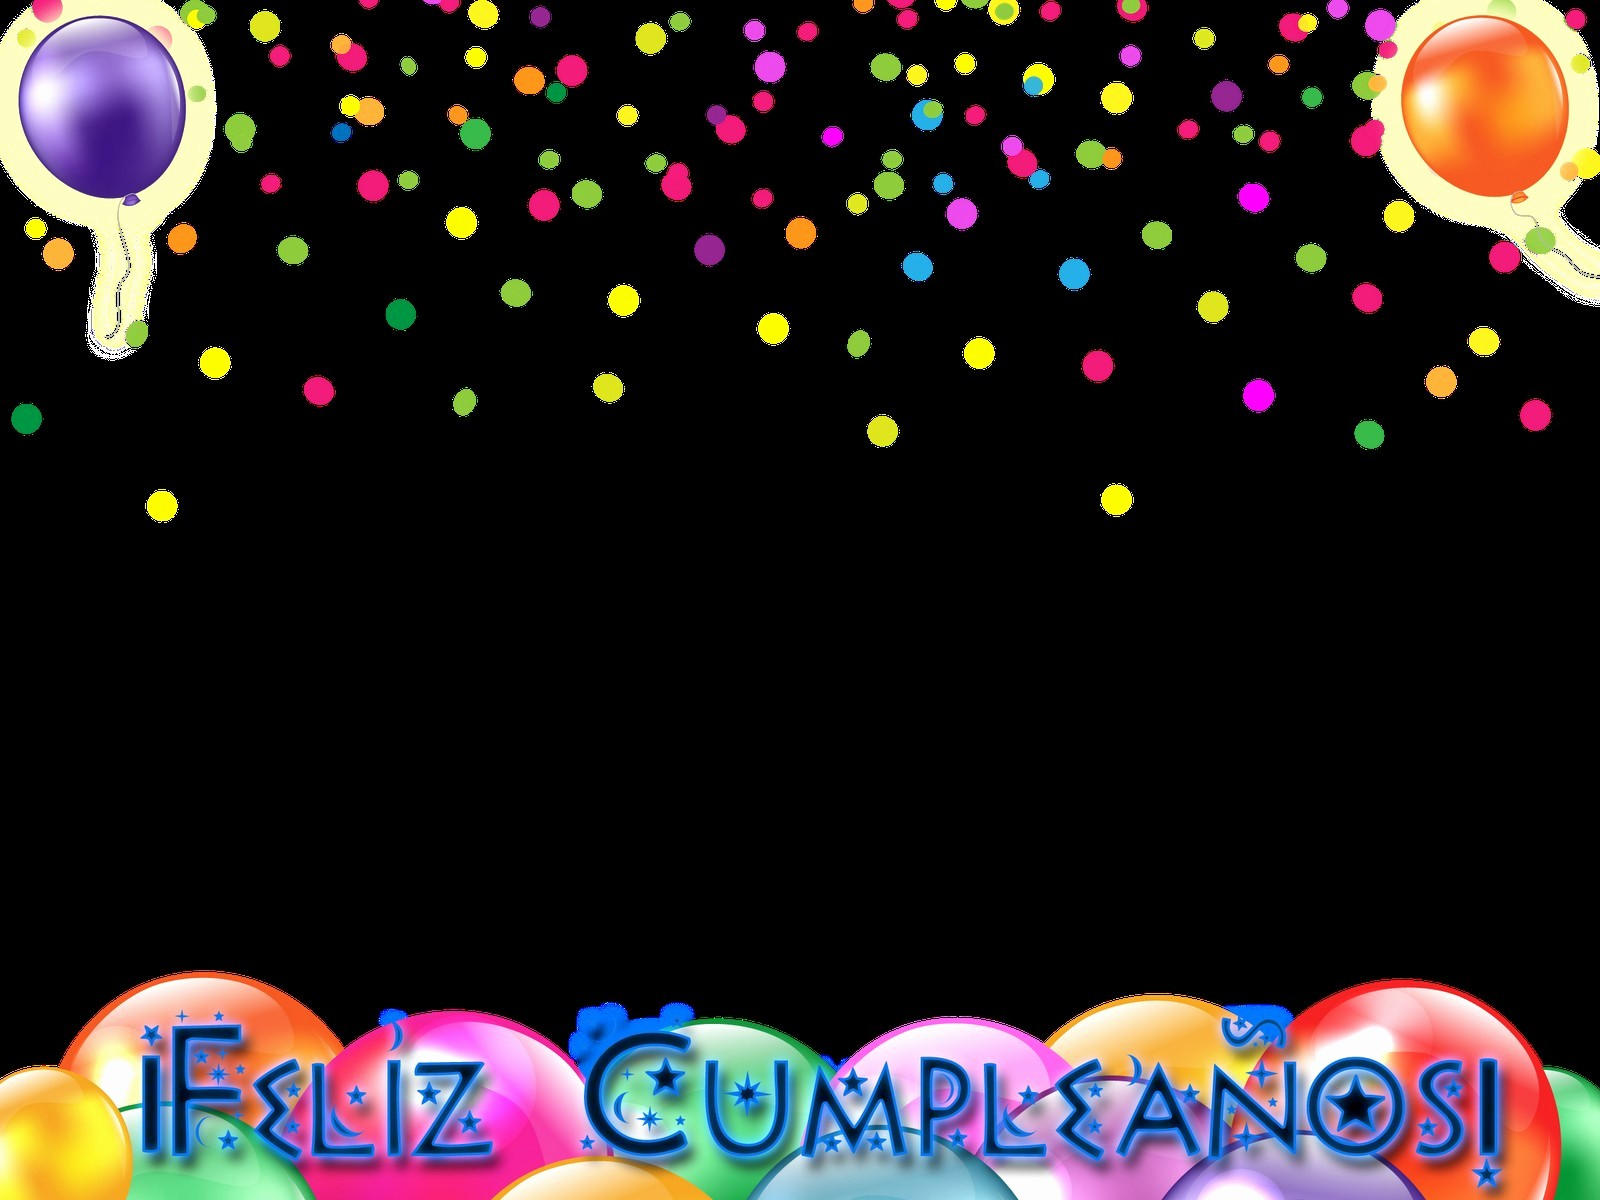 Fondos Para Tarjetas De Cumpleaños Elegant Fondos Para Cumpleaños Imagui